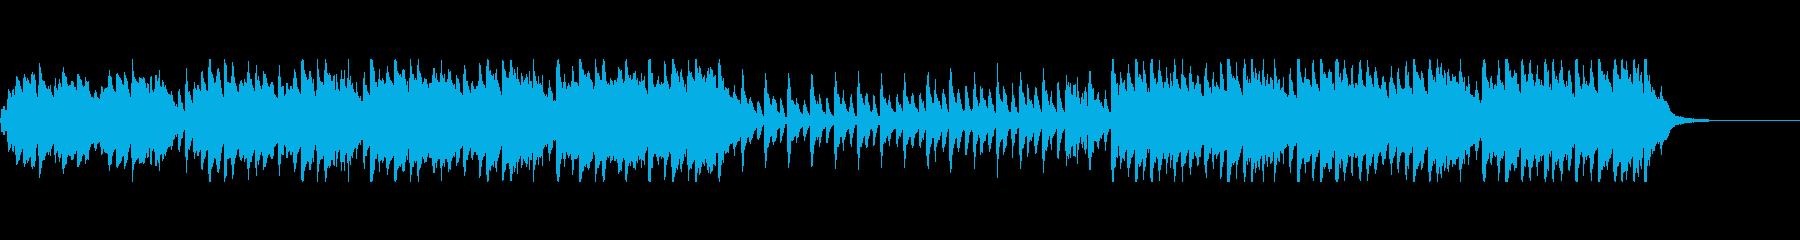 ハロウィン・おばけ系BGMの再生済みの波形